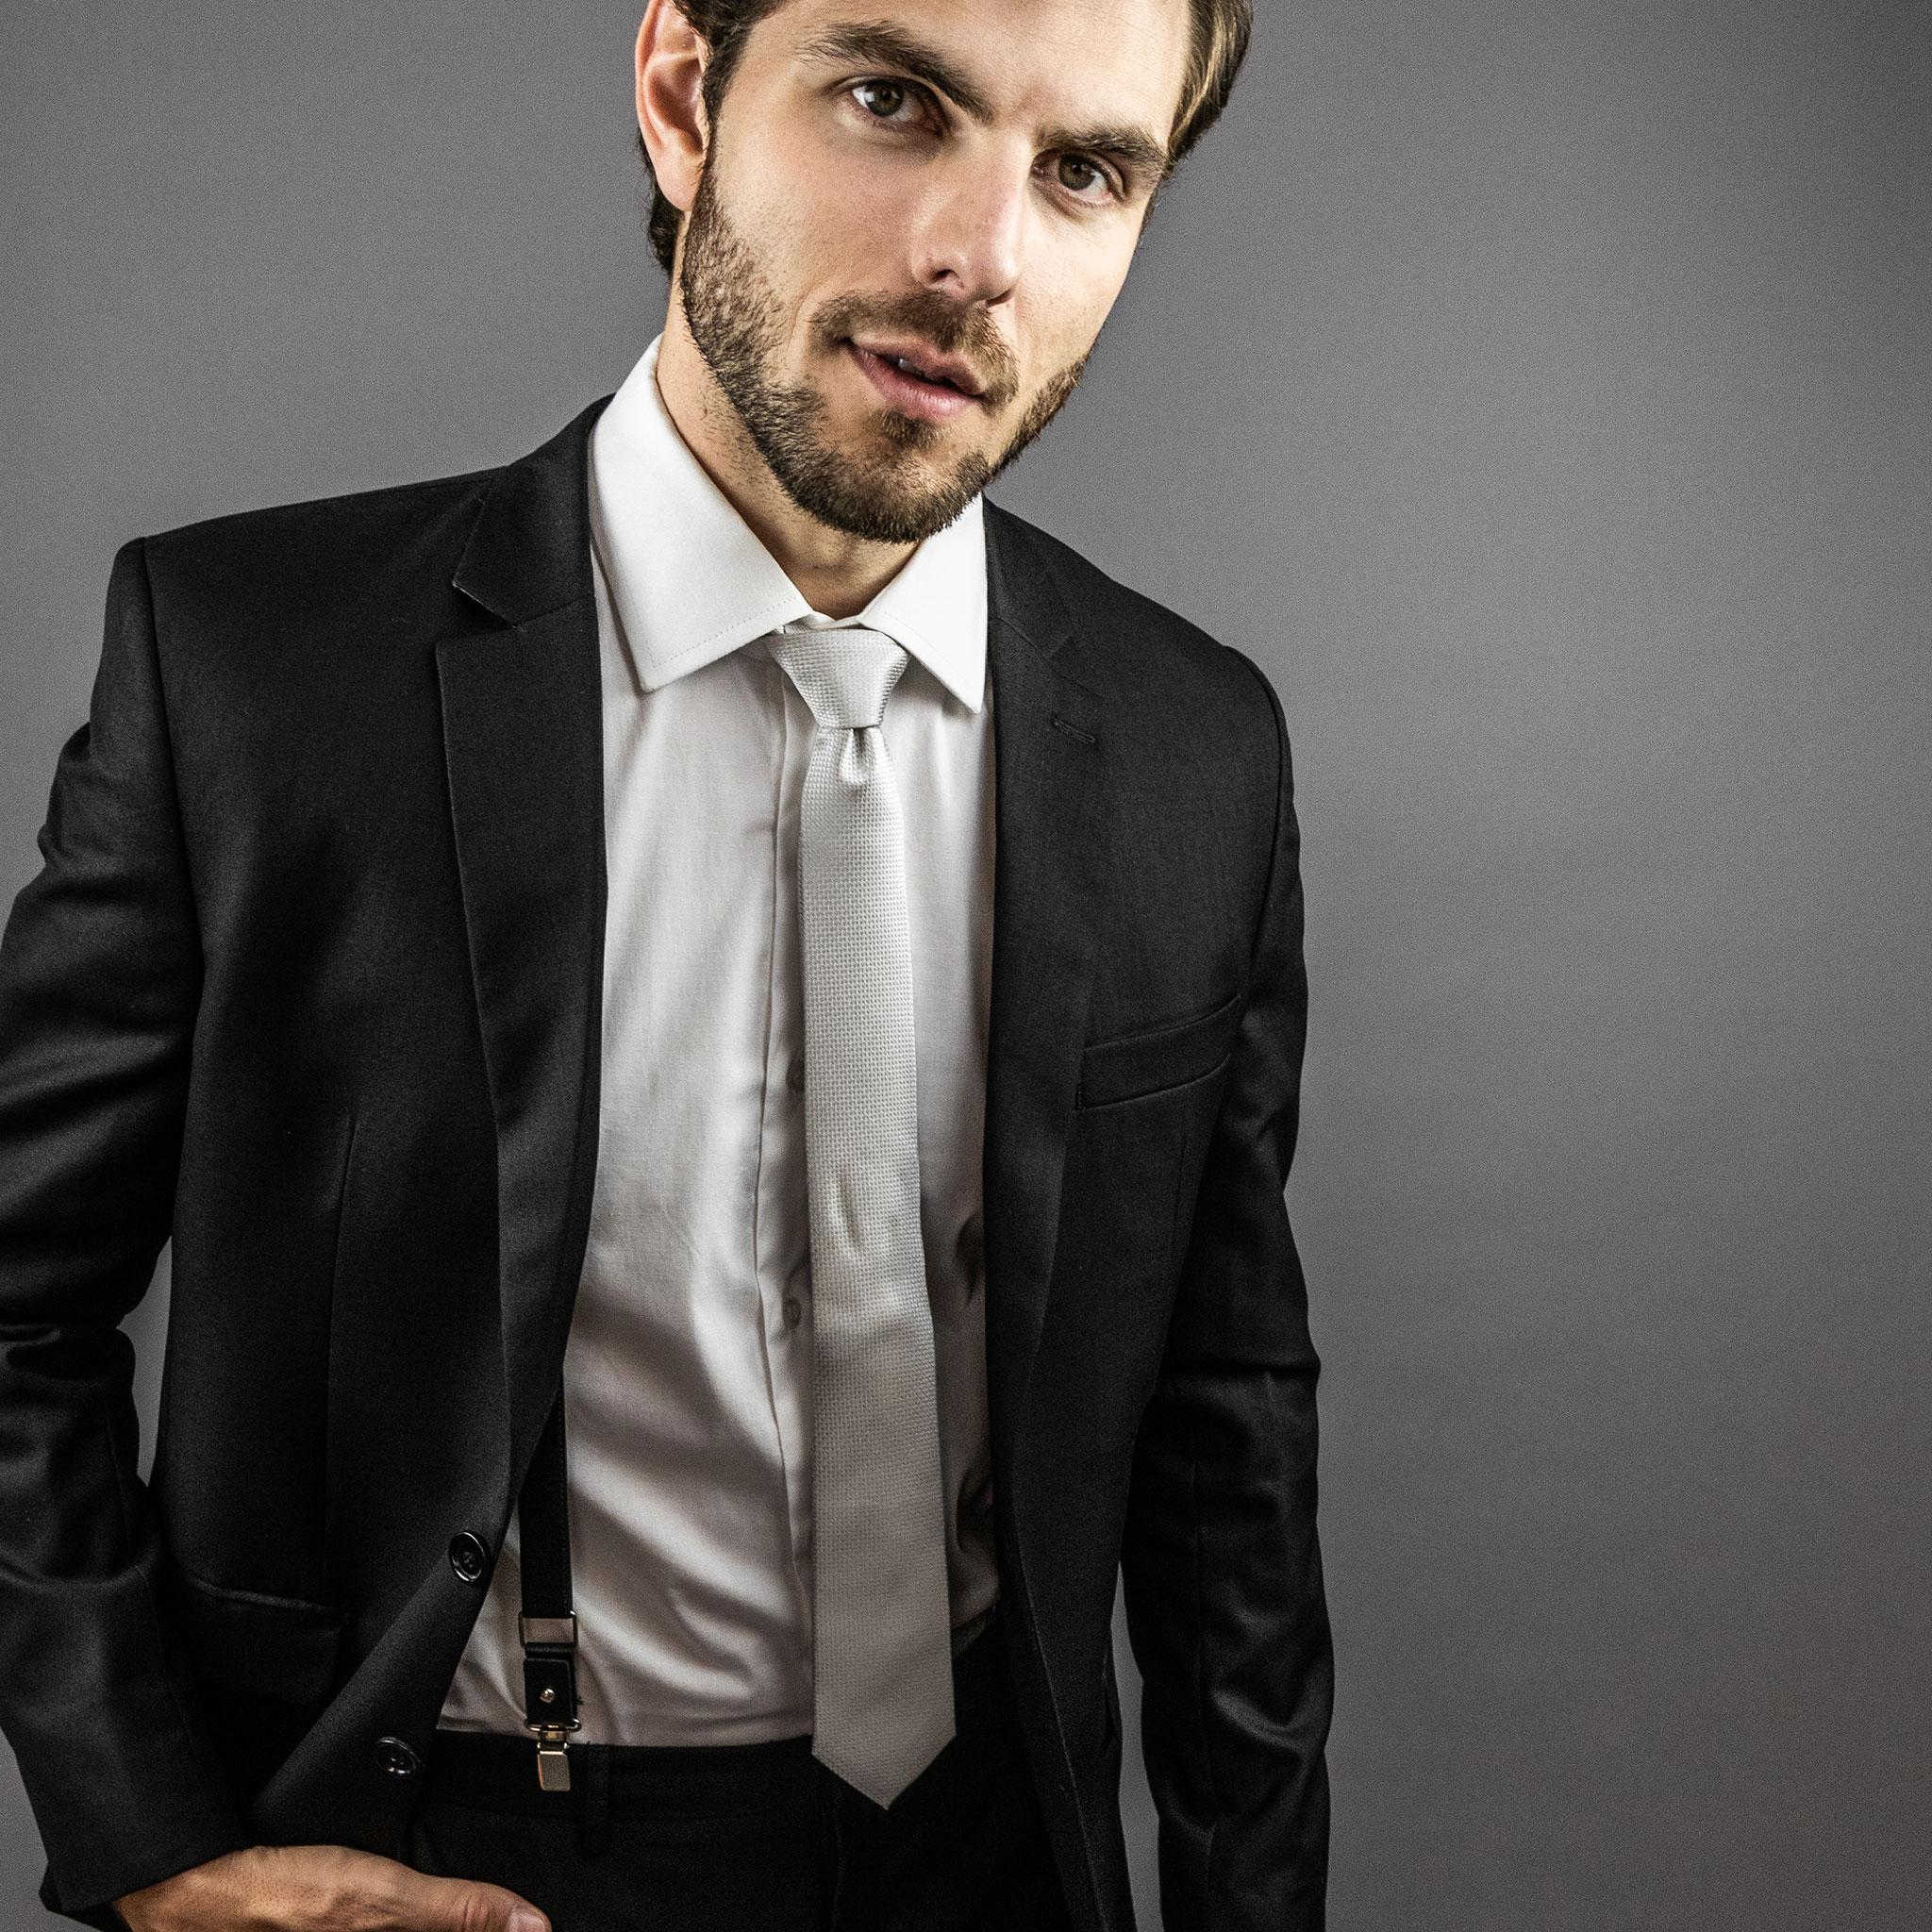 gravata prata para o noivo